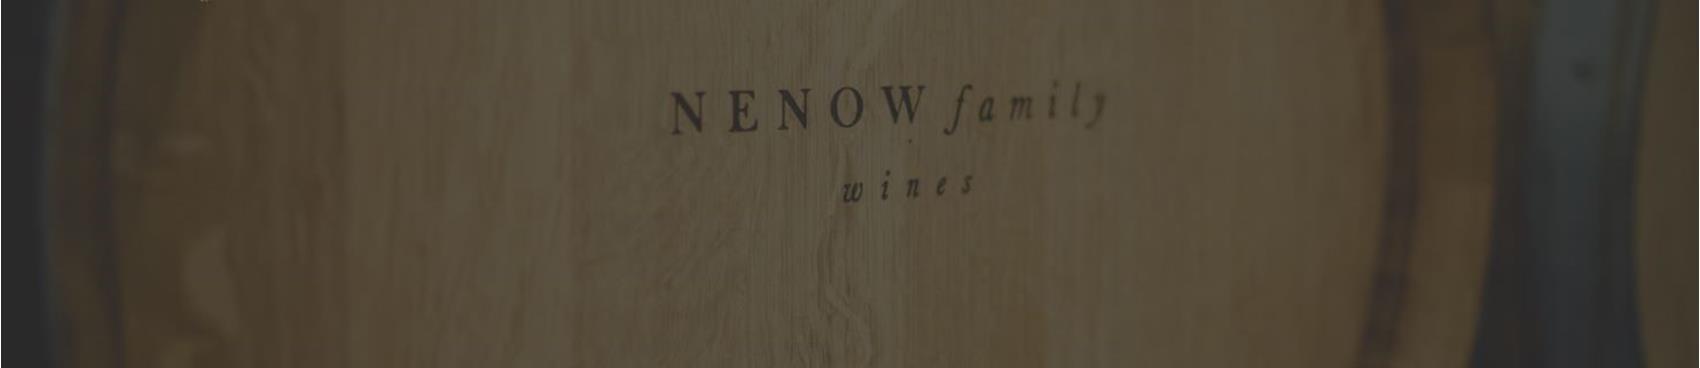 Nenow Family Wines